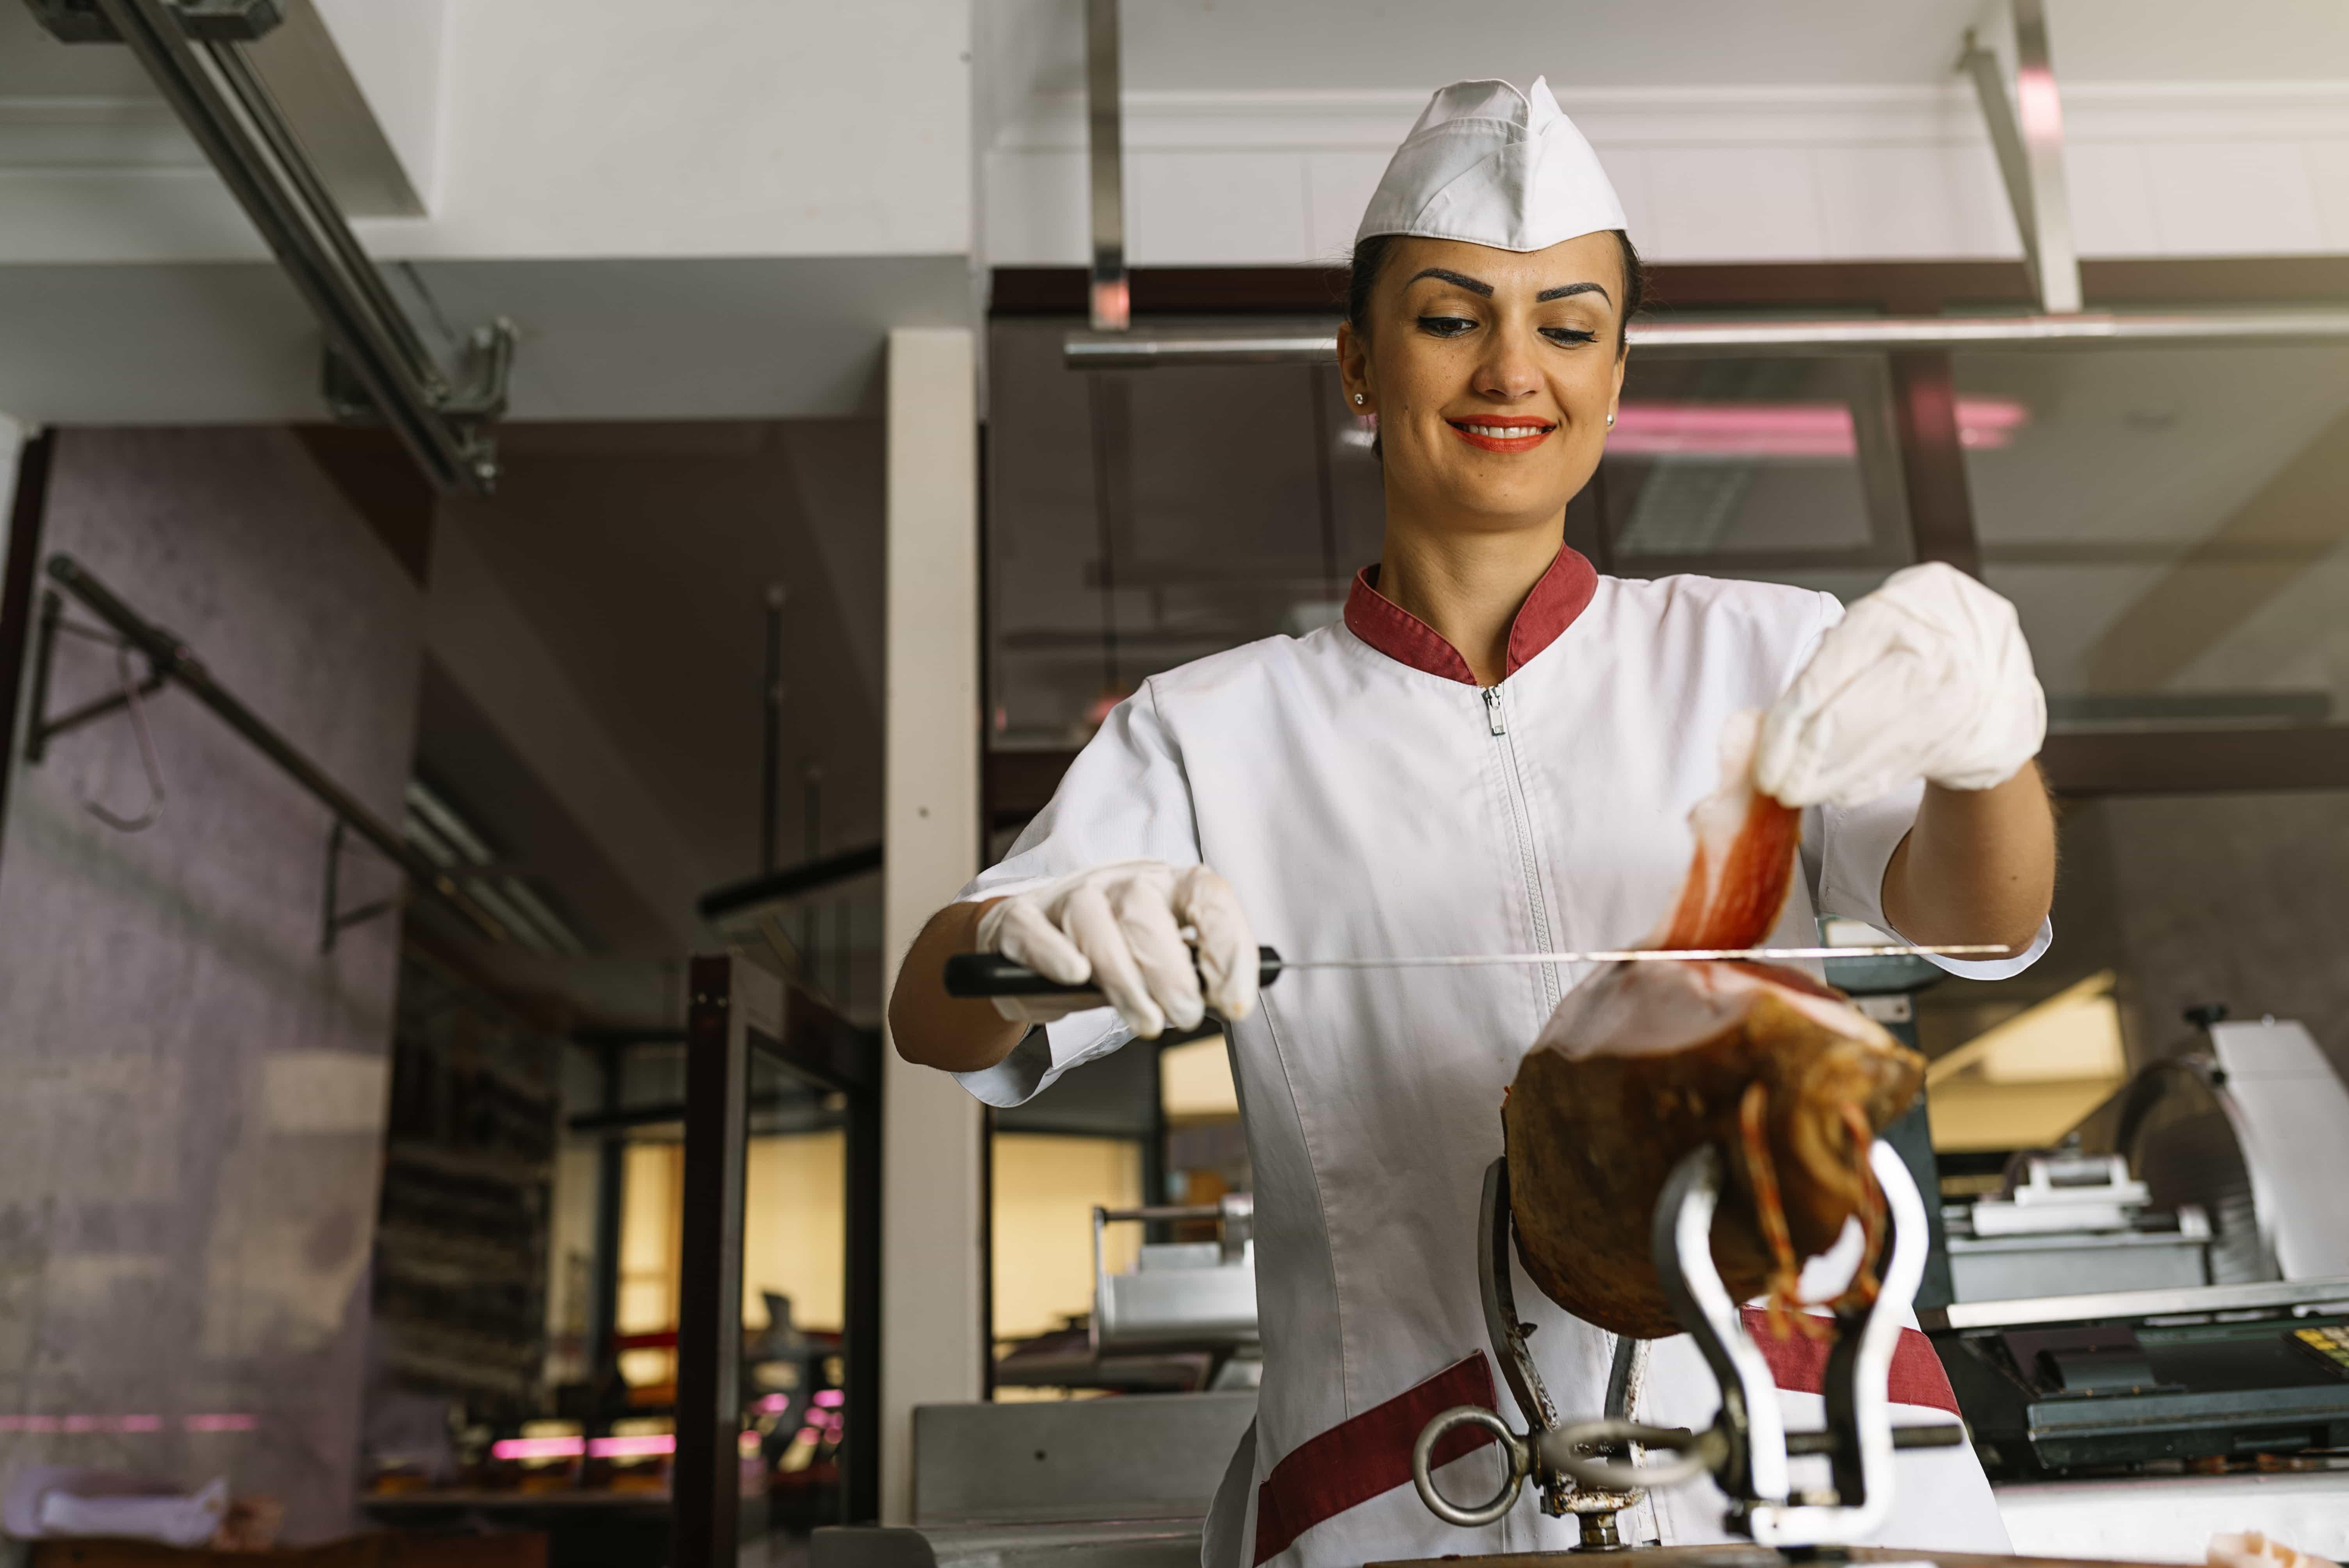 Arbeitsrecht: Junge Frau als Minijober in Metzgerei